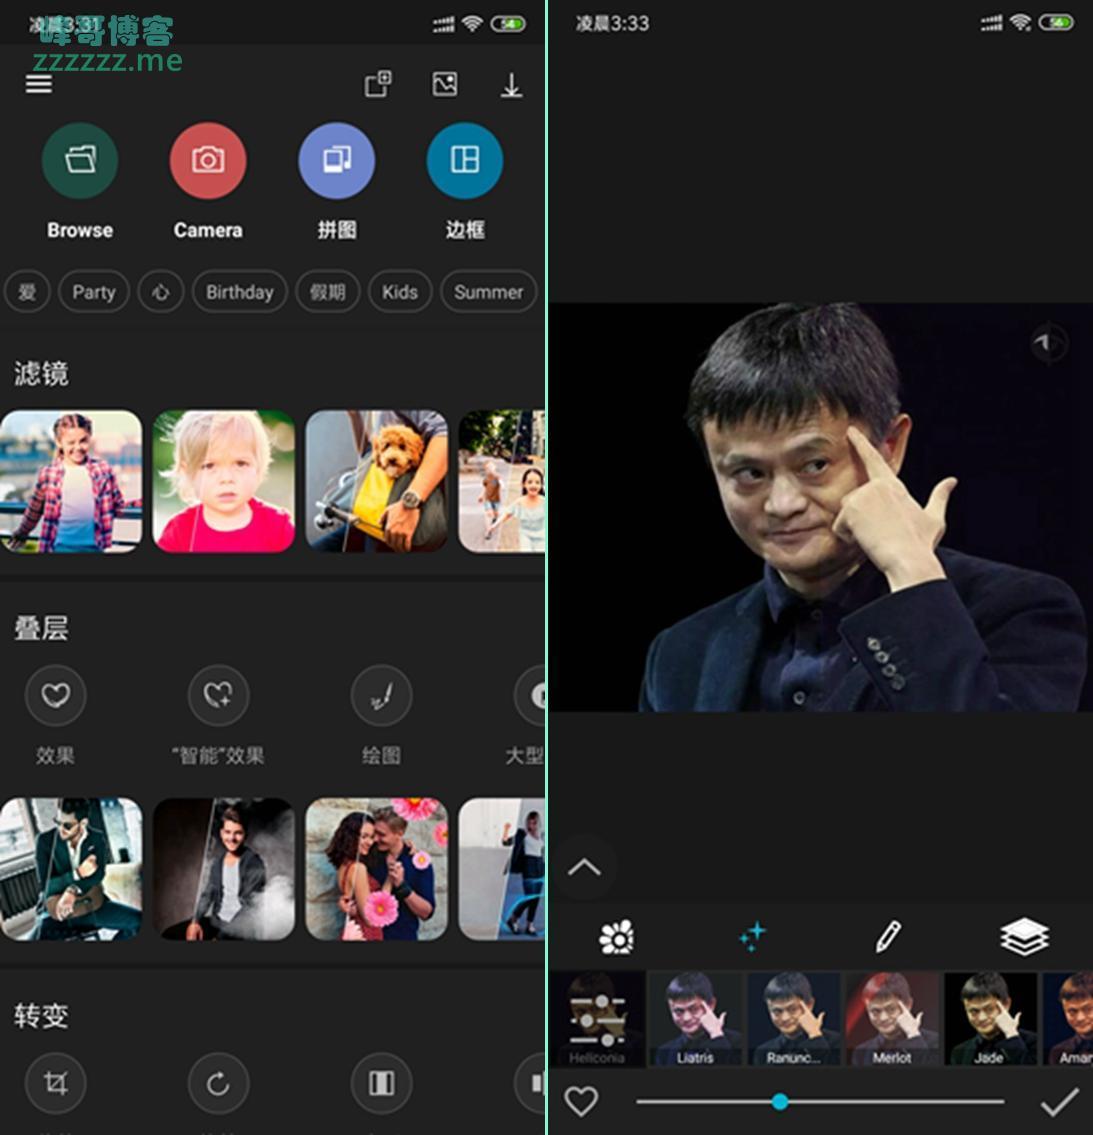 安卓影楼 Photo Studio Pro V2.2.0.5 最新付费专业版下载